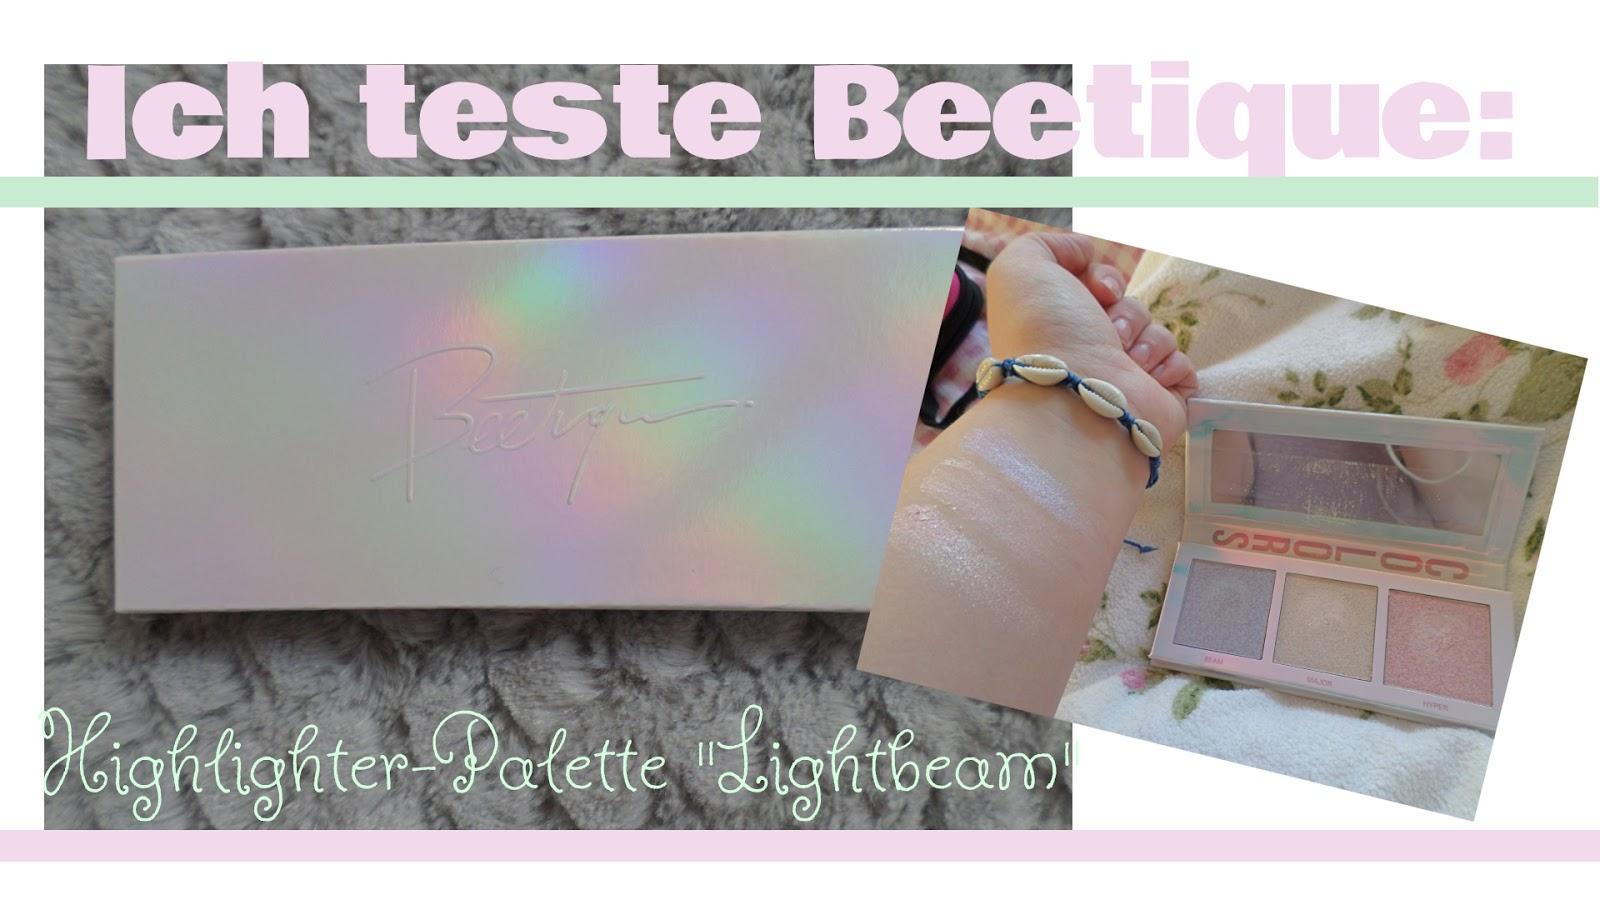 beetique highlighter